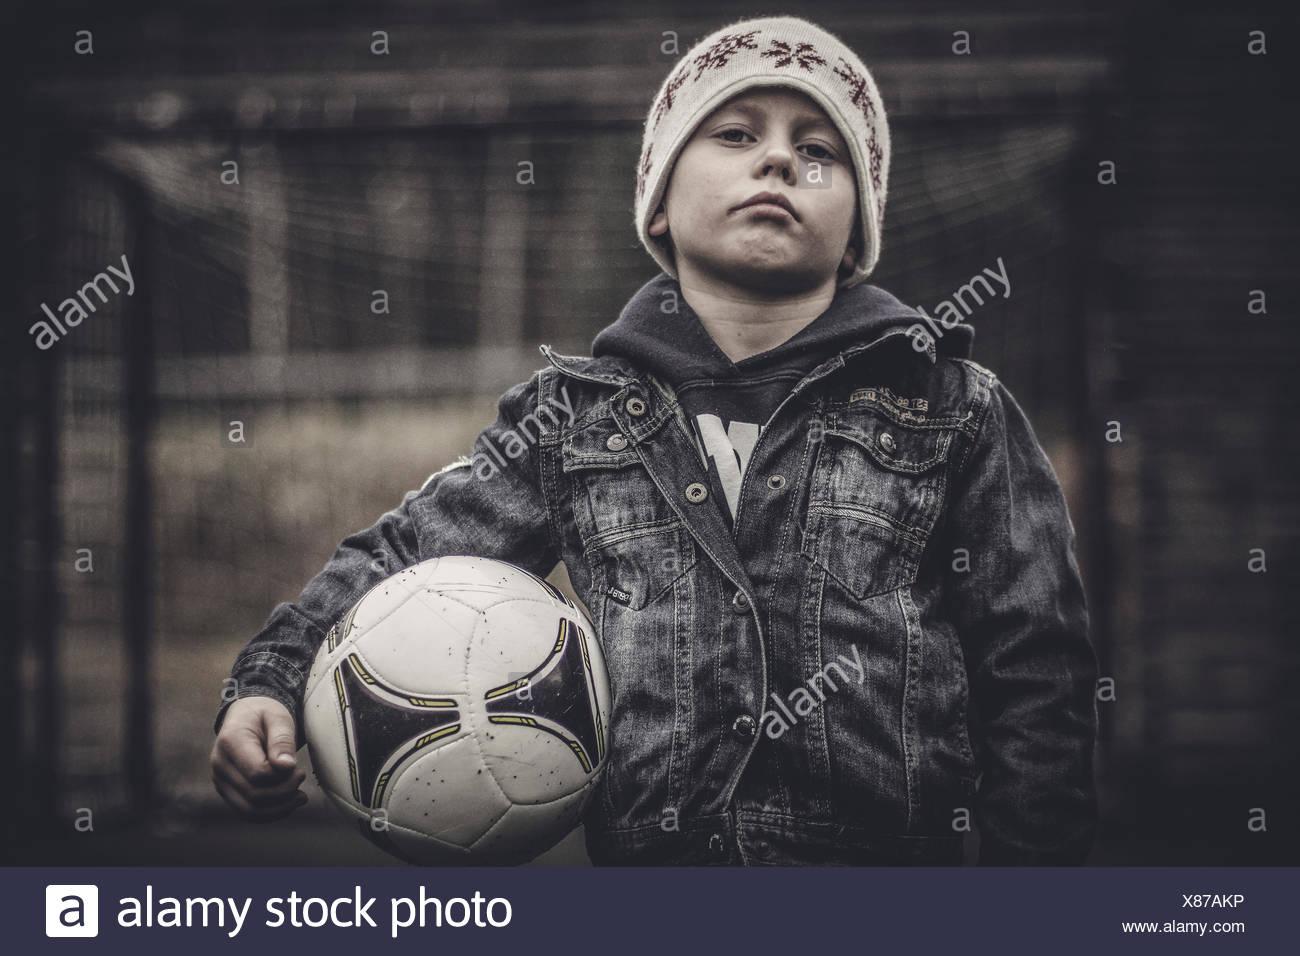 Retrato de una grave niño sosteniendo un balón de fútbol Imagen De Stock